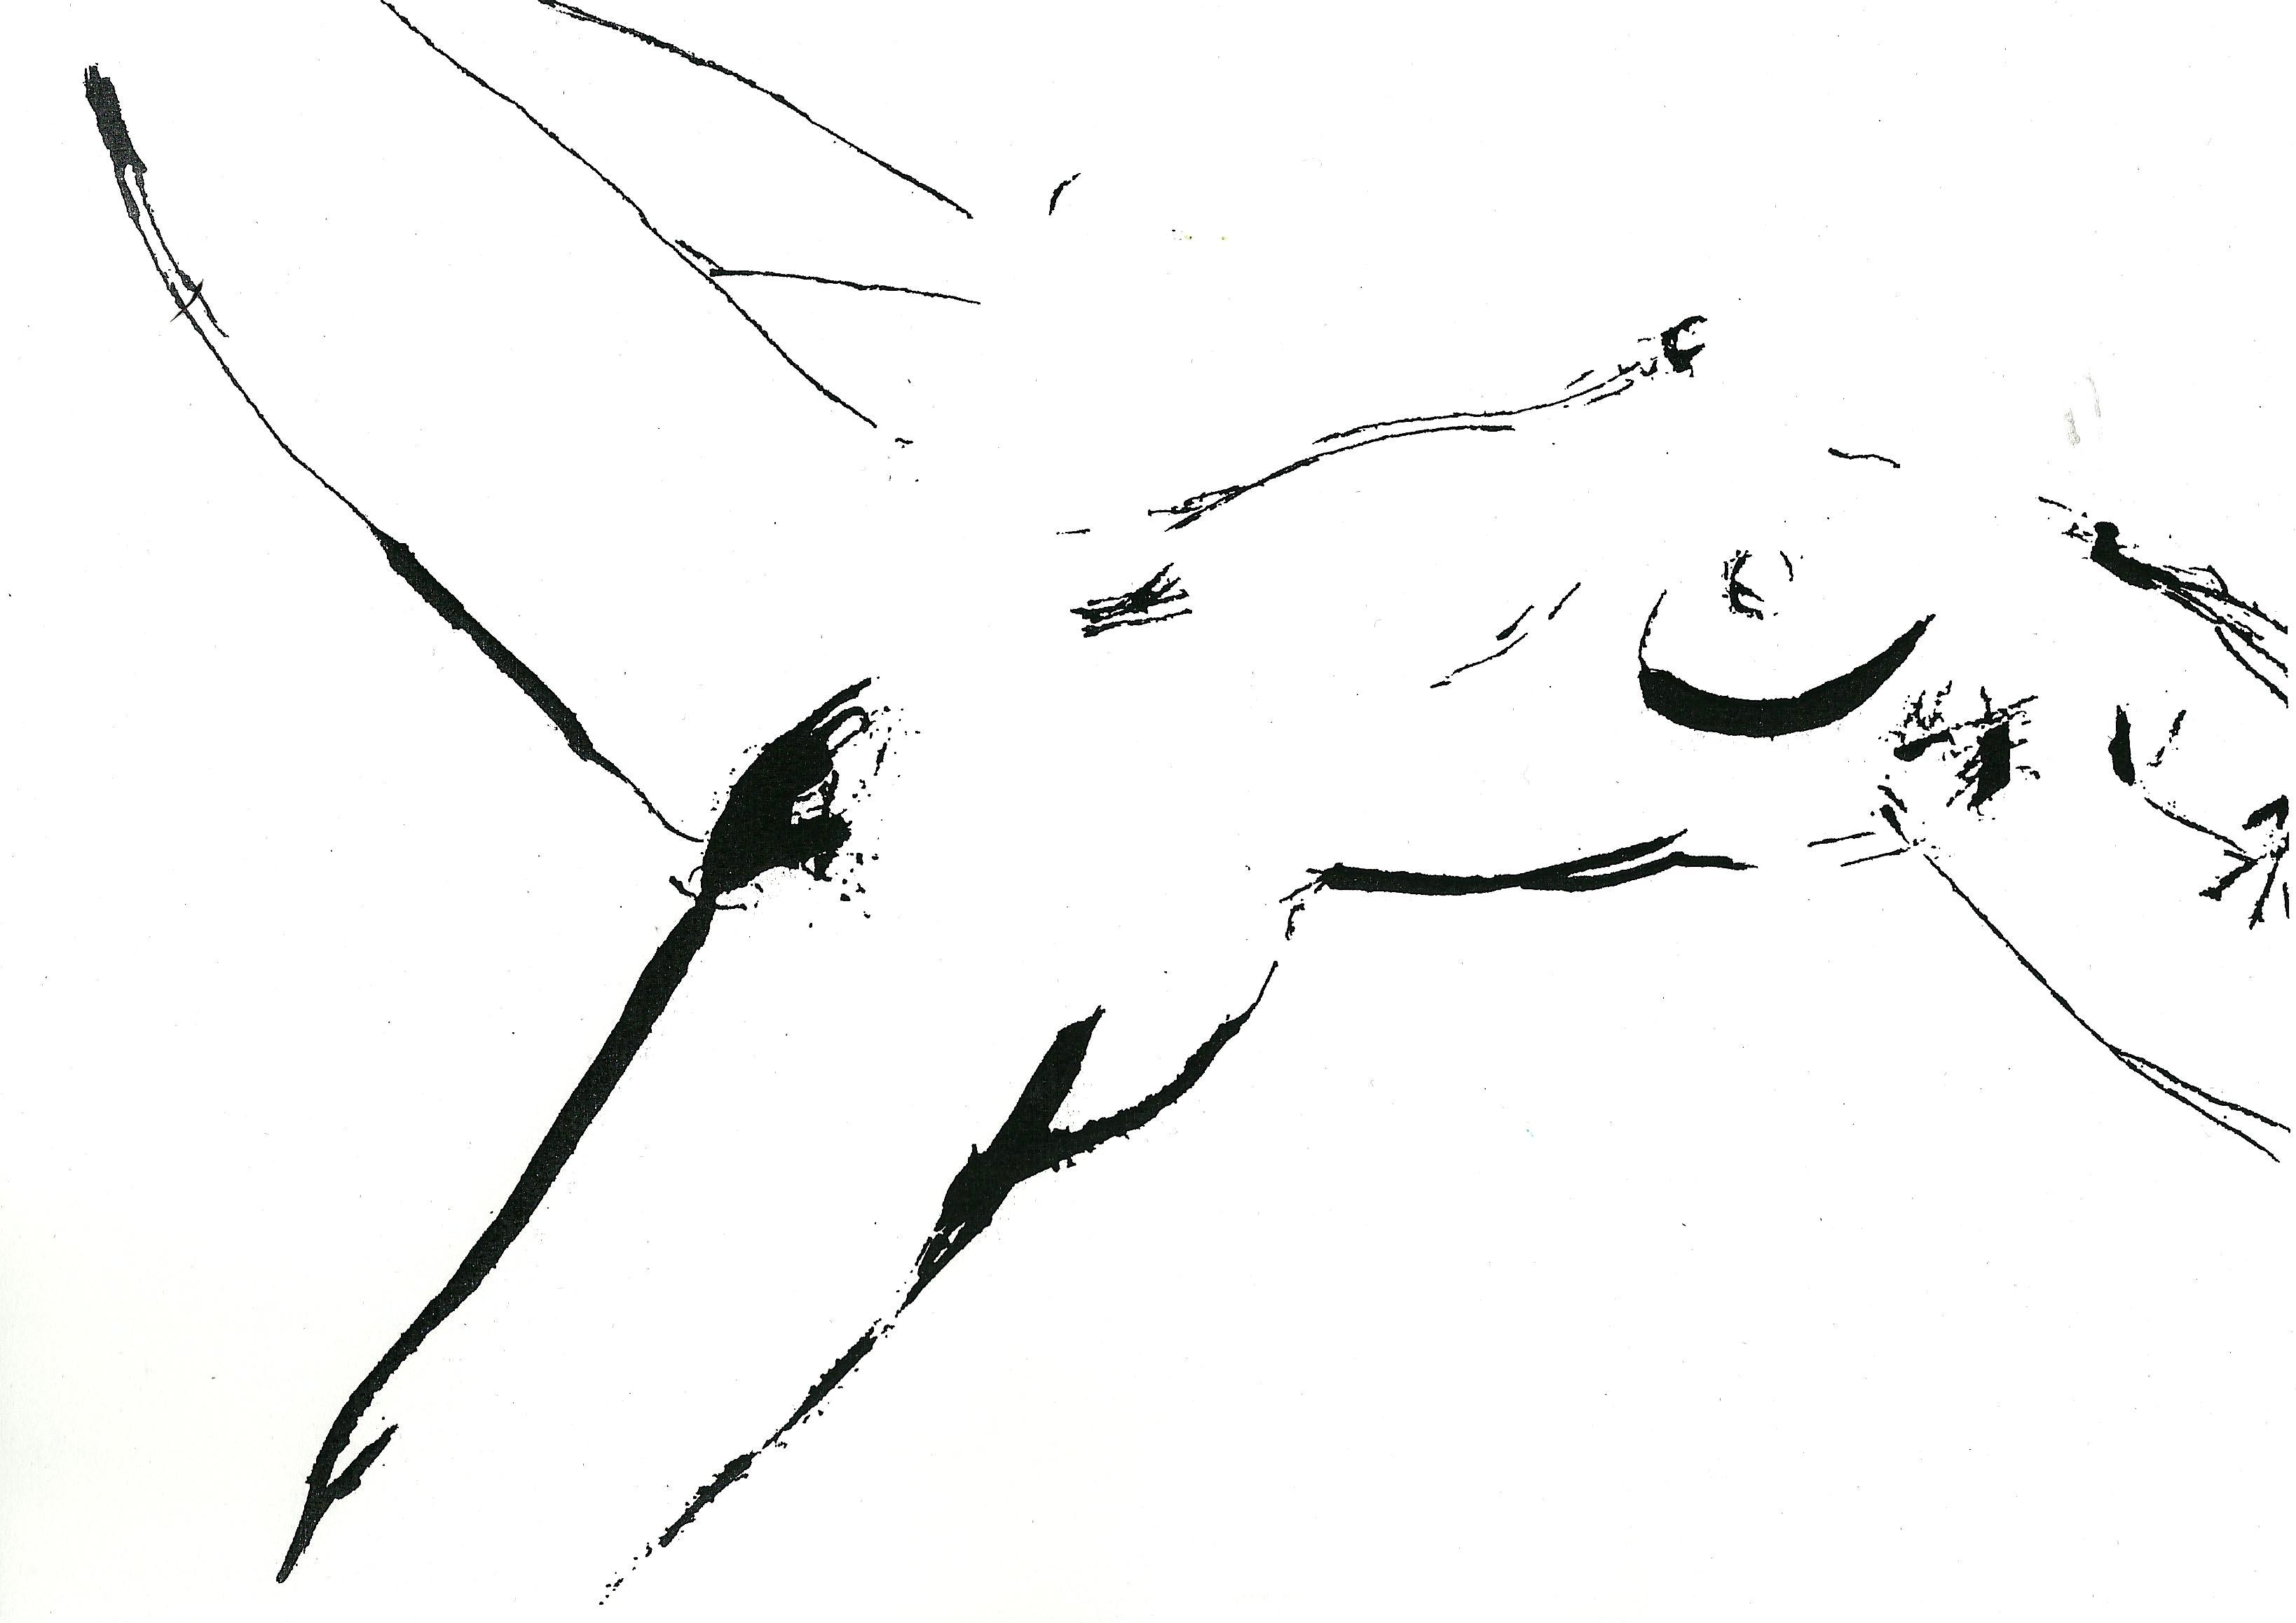 06de candia disegni erotici05